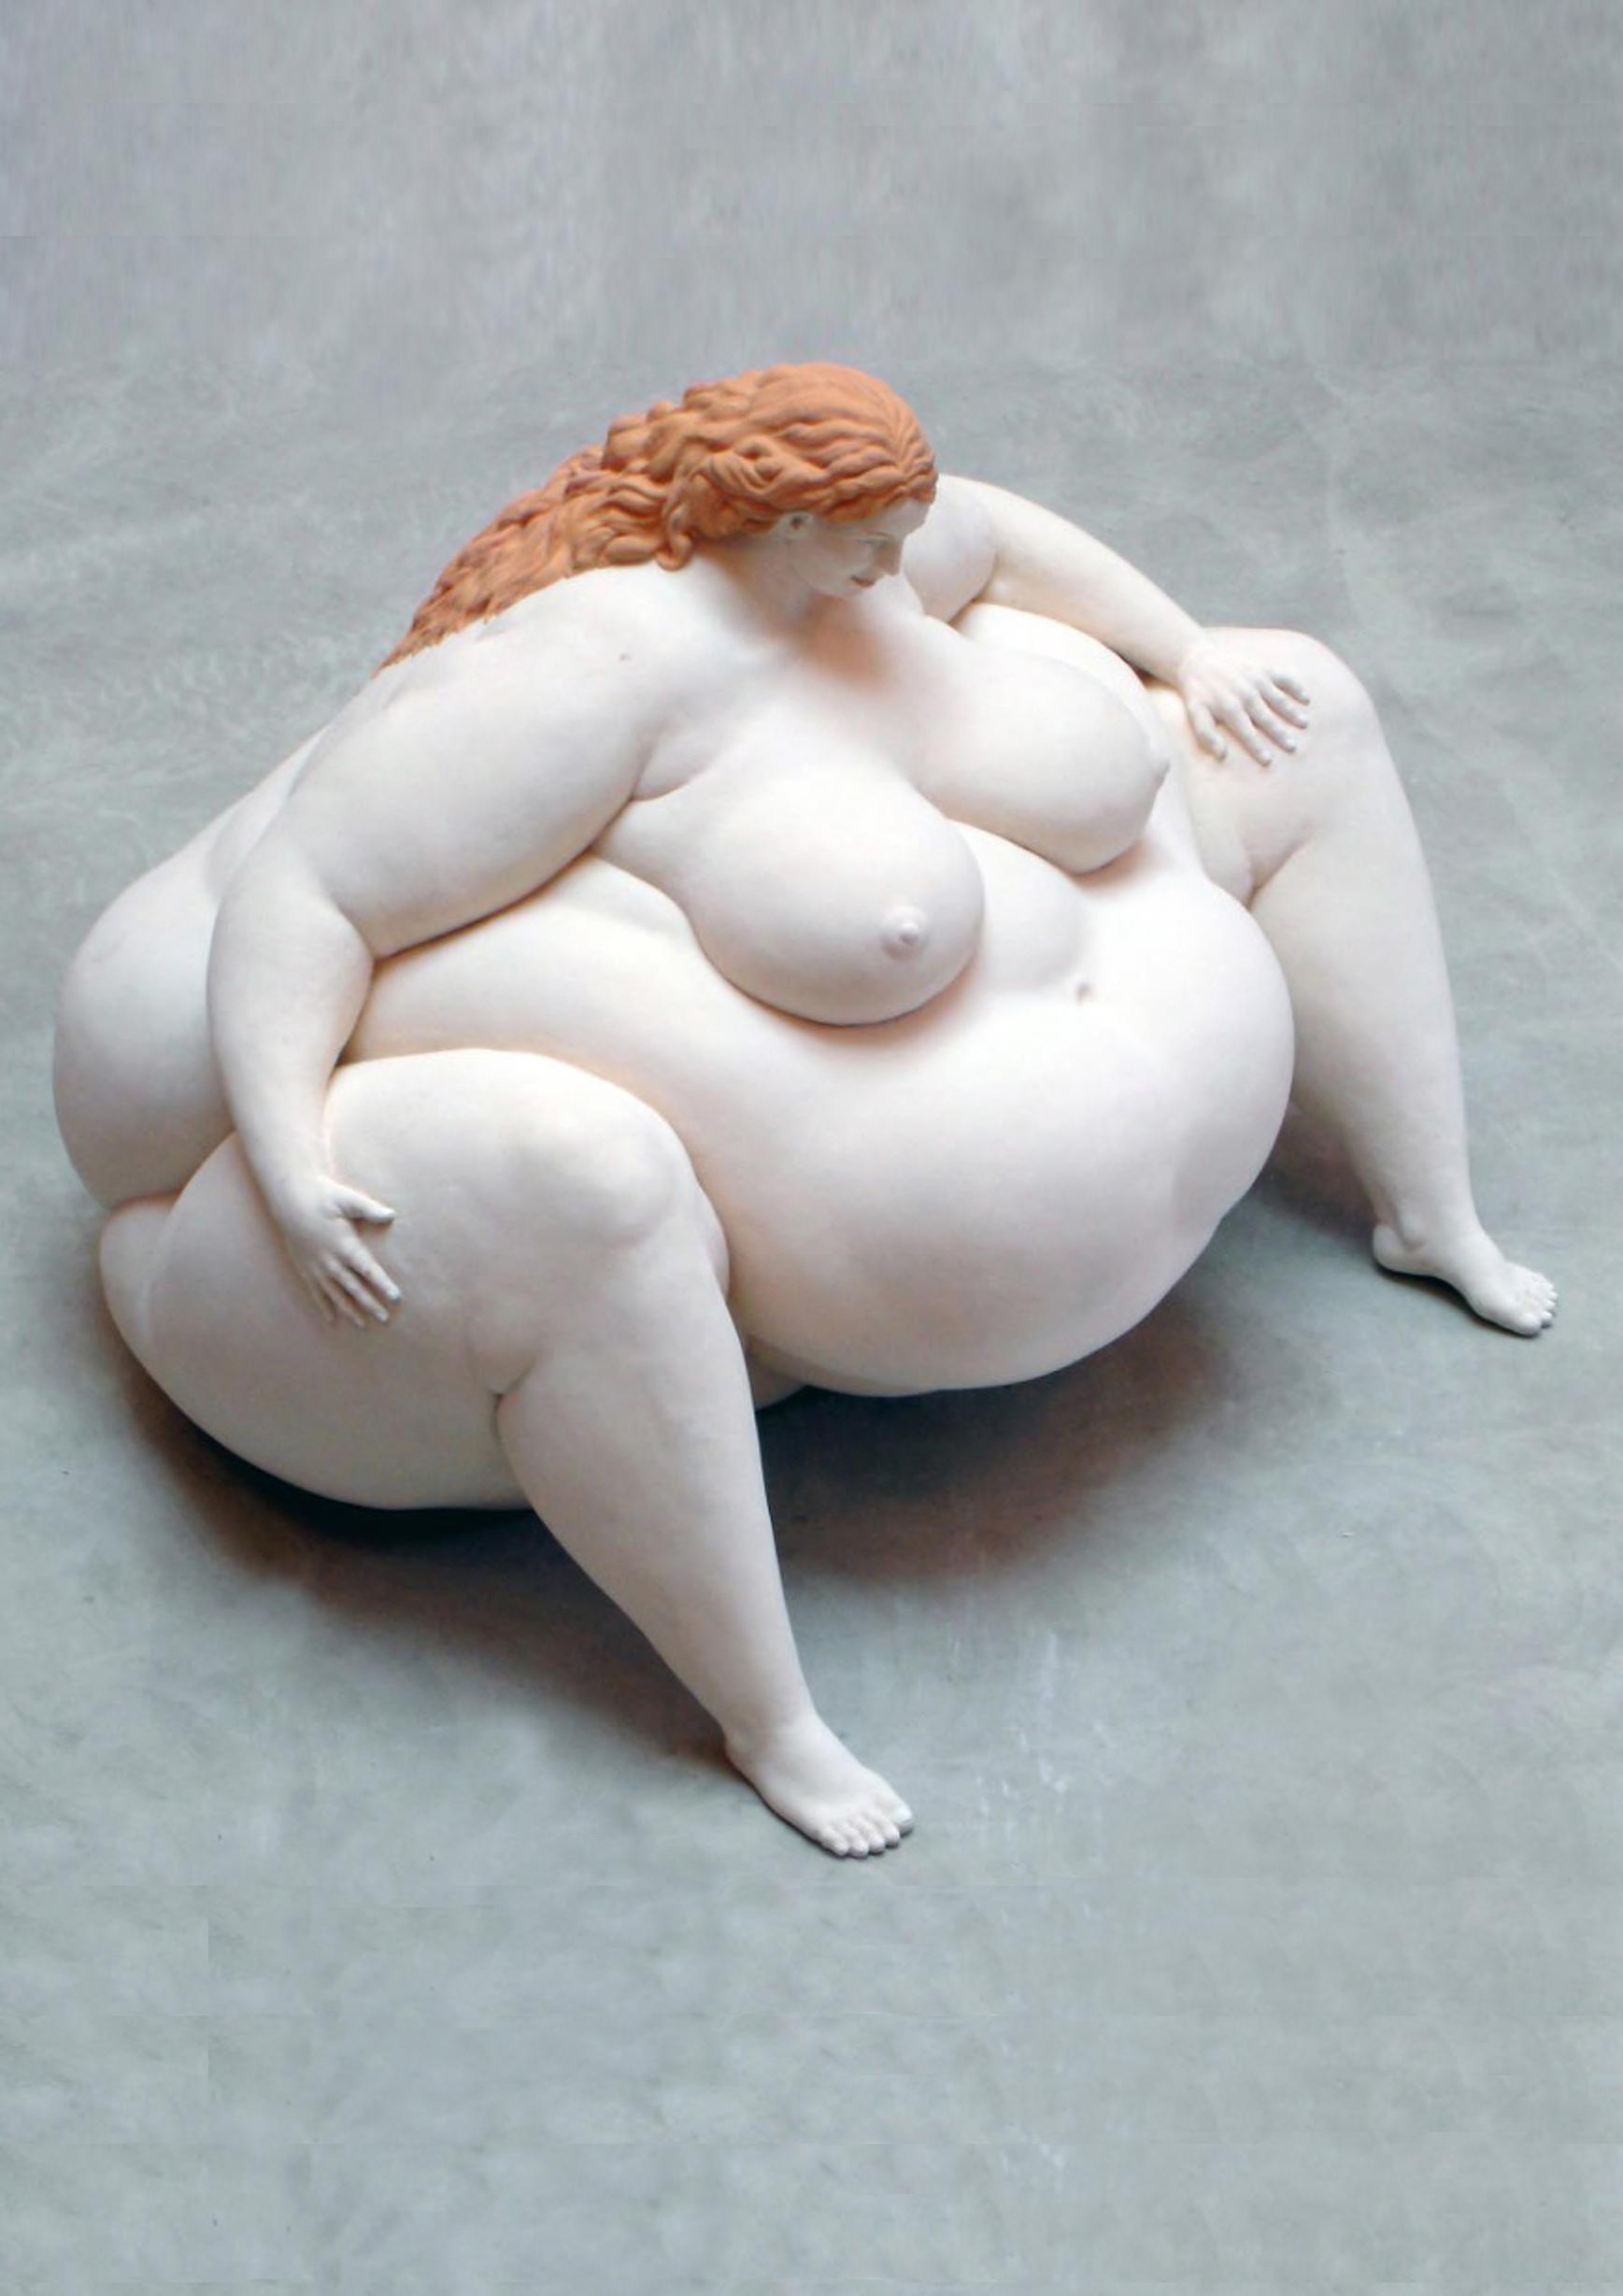 Eine Frau mit riesigem Bauch und kleinen Gliedmassen und zierlichem madonnenhaftem Kopf. Sie sitzt breitbeinig auf dem Boden, die Körperhaltung herausfordernd, das Gesicht freundlich und versonnen. Zart rosa Patina mit hellroten Haaren